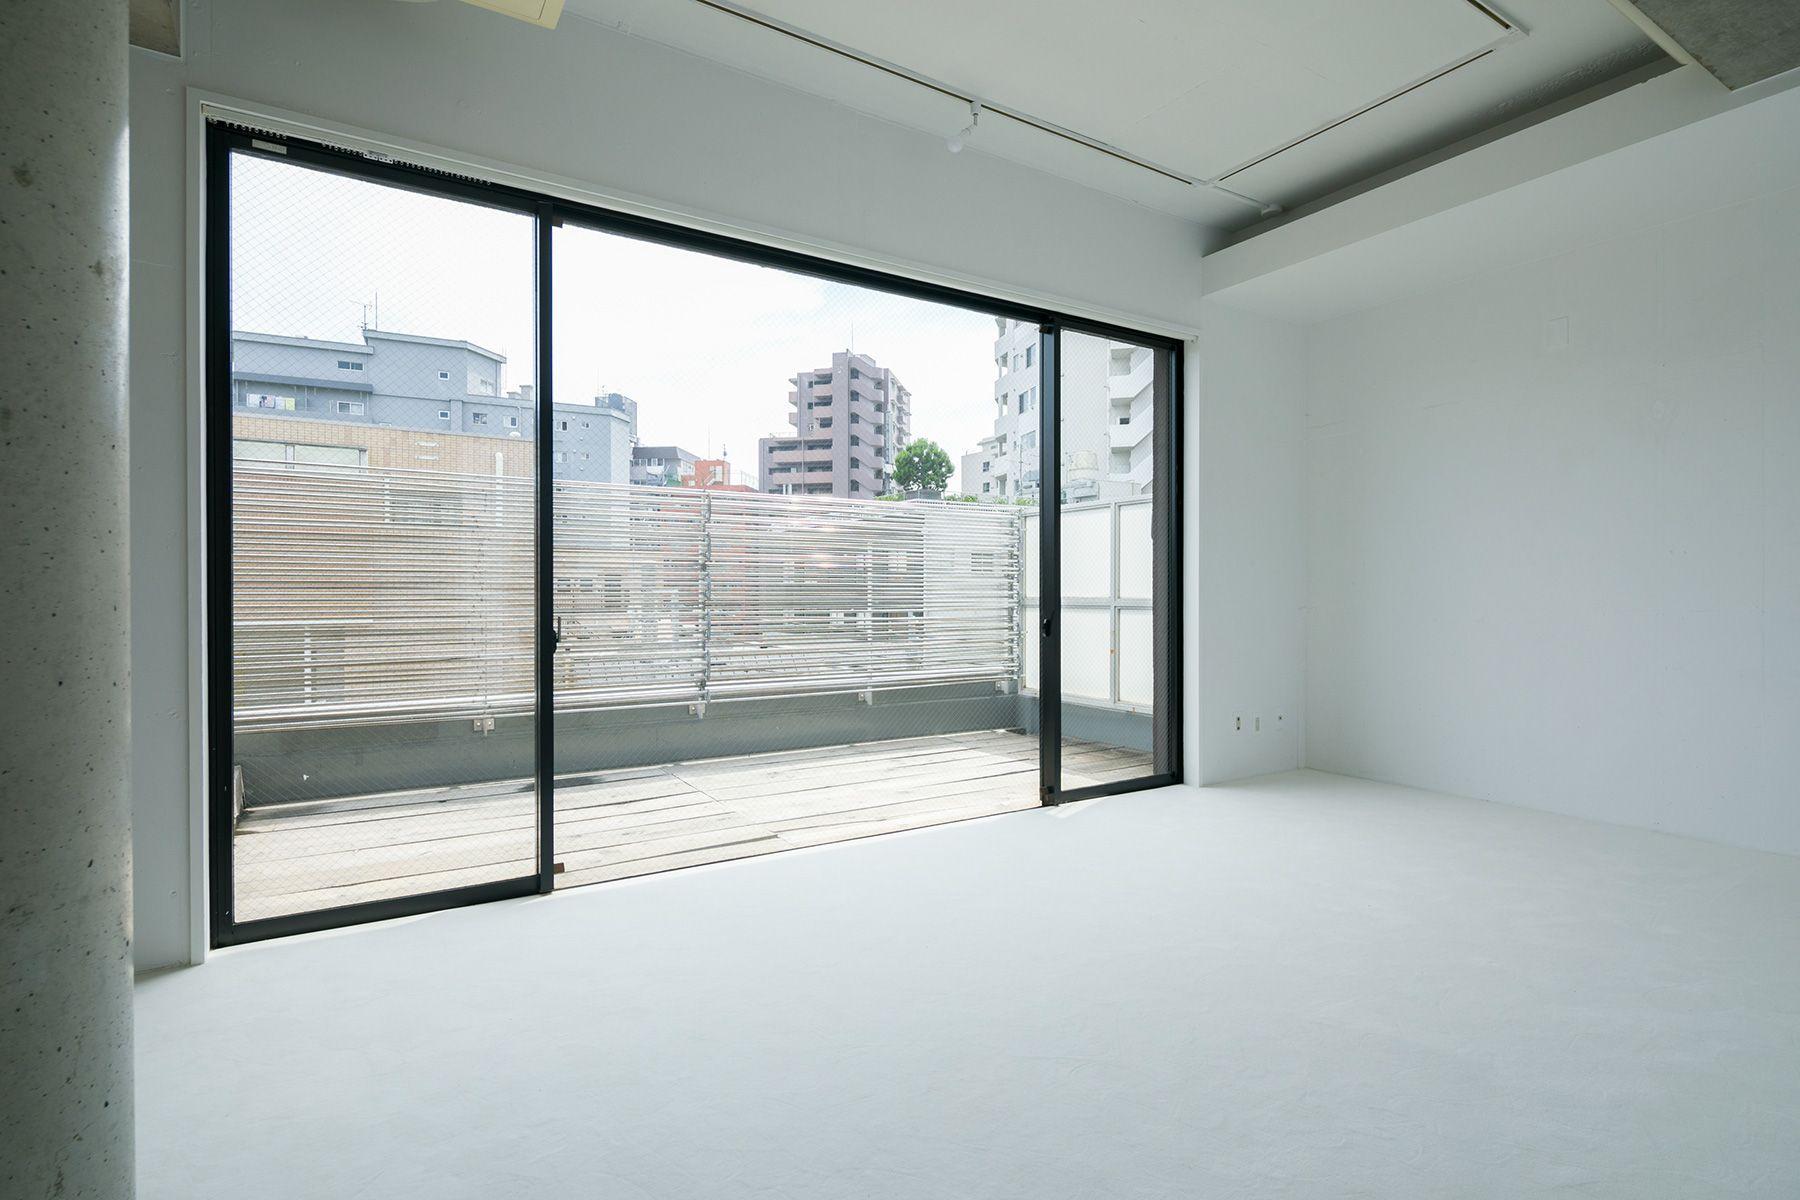 studio Flocke 中目黒 (スタジオ フロック)5F